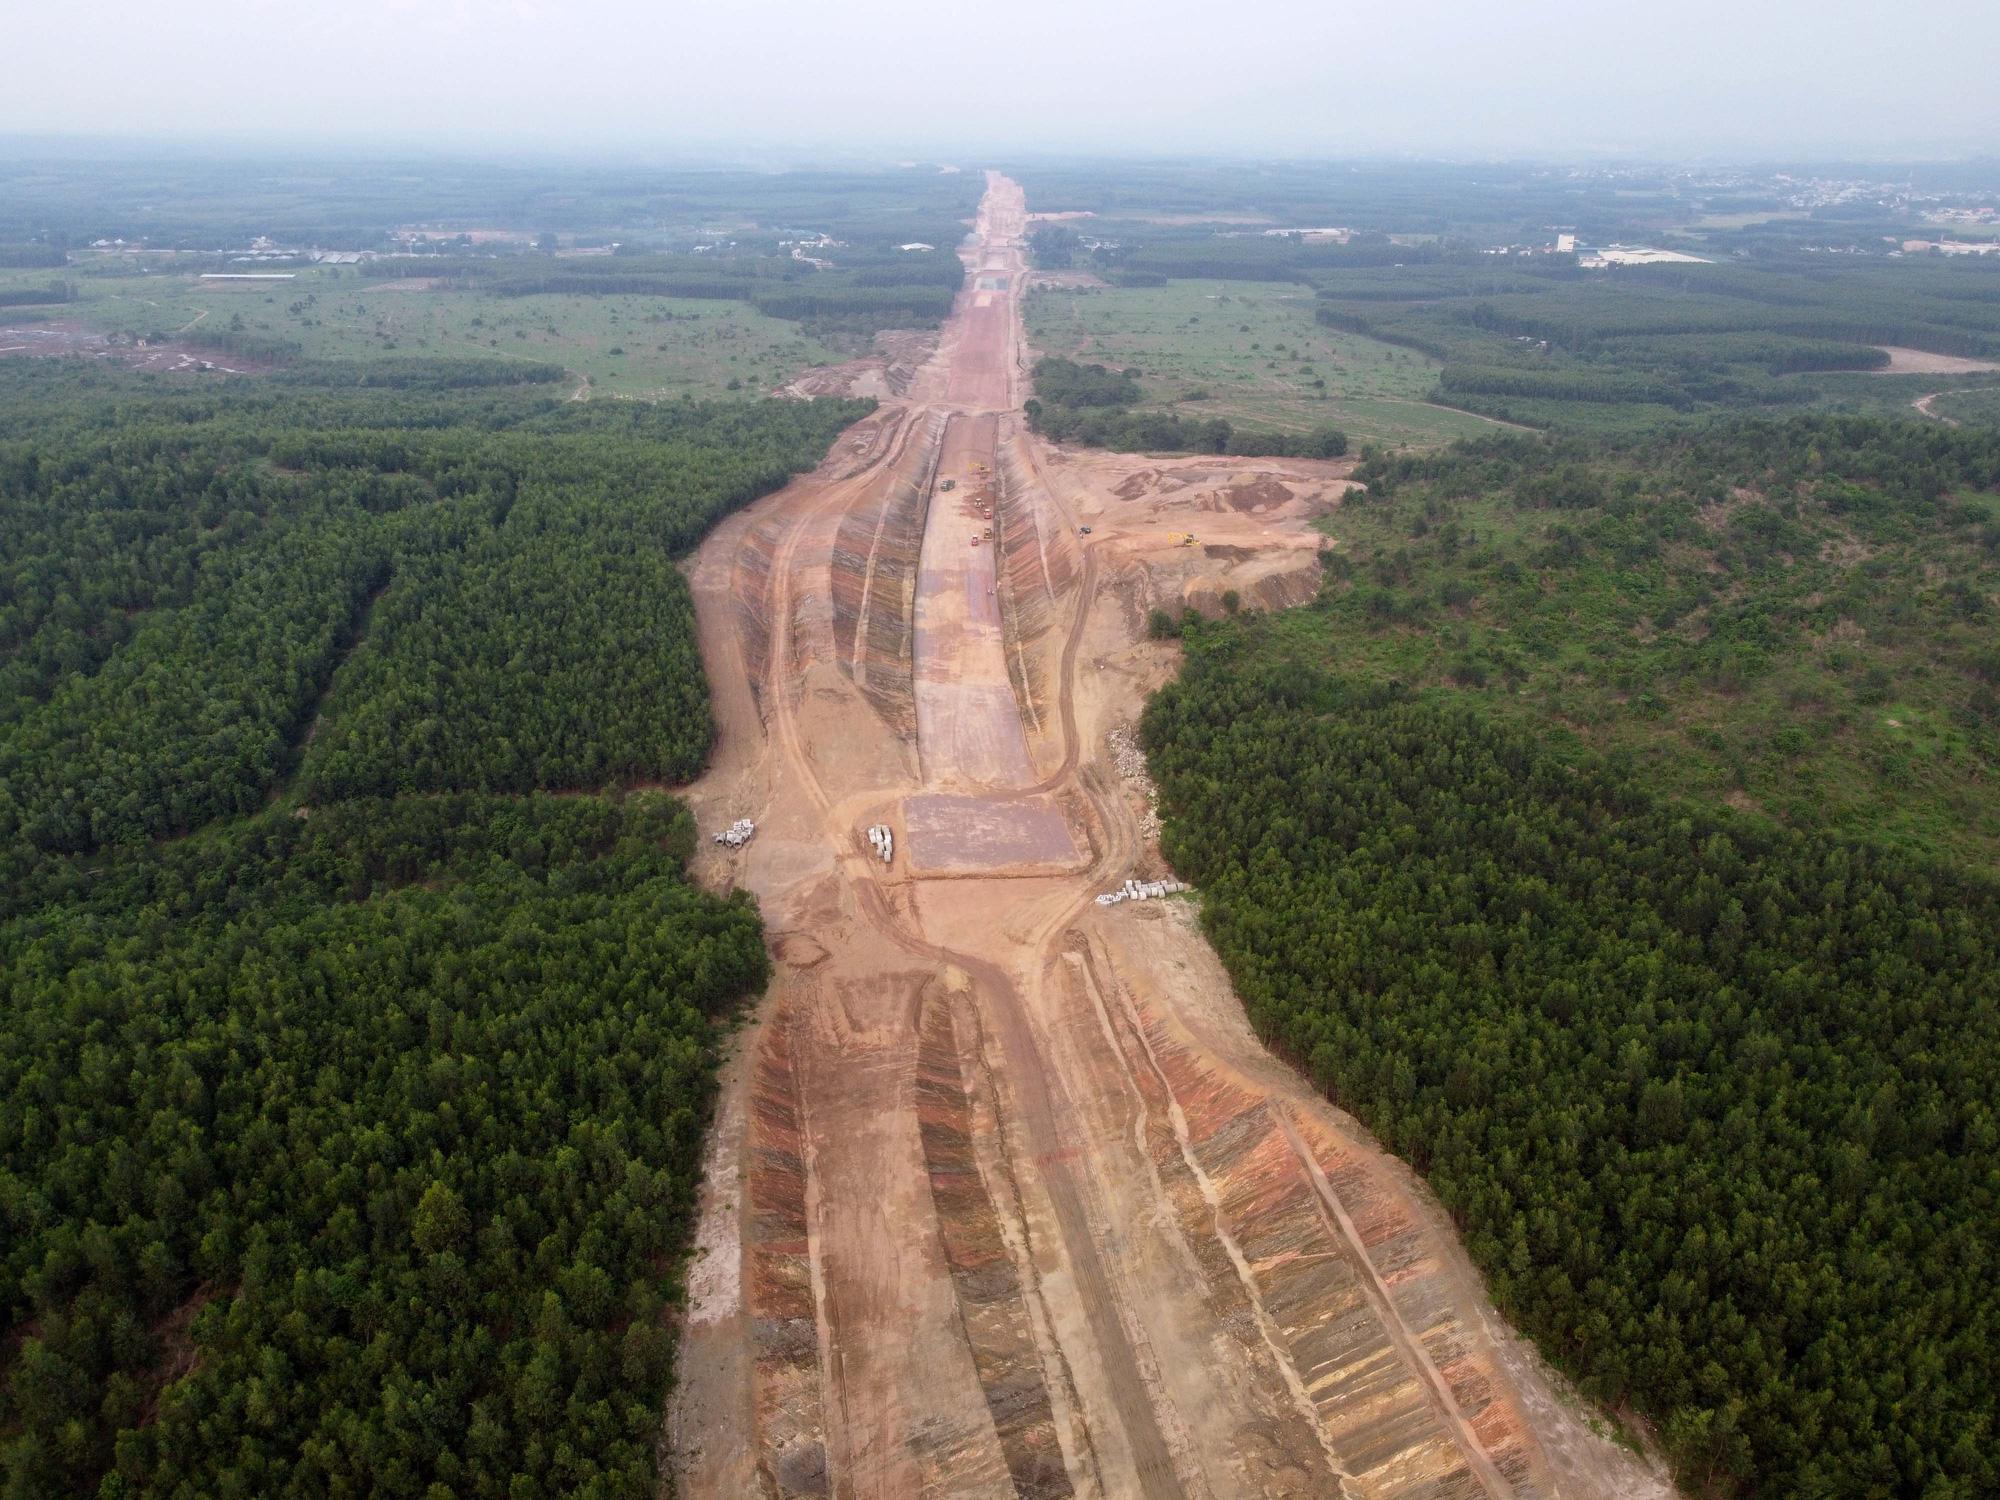 Cao tốc Bắc – Nam đoạn qua tỉnh Khánh Hòa thiếu nguồn vật liệu san lấp nền - Ảnh 1.